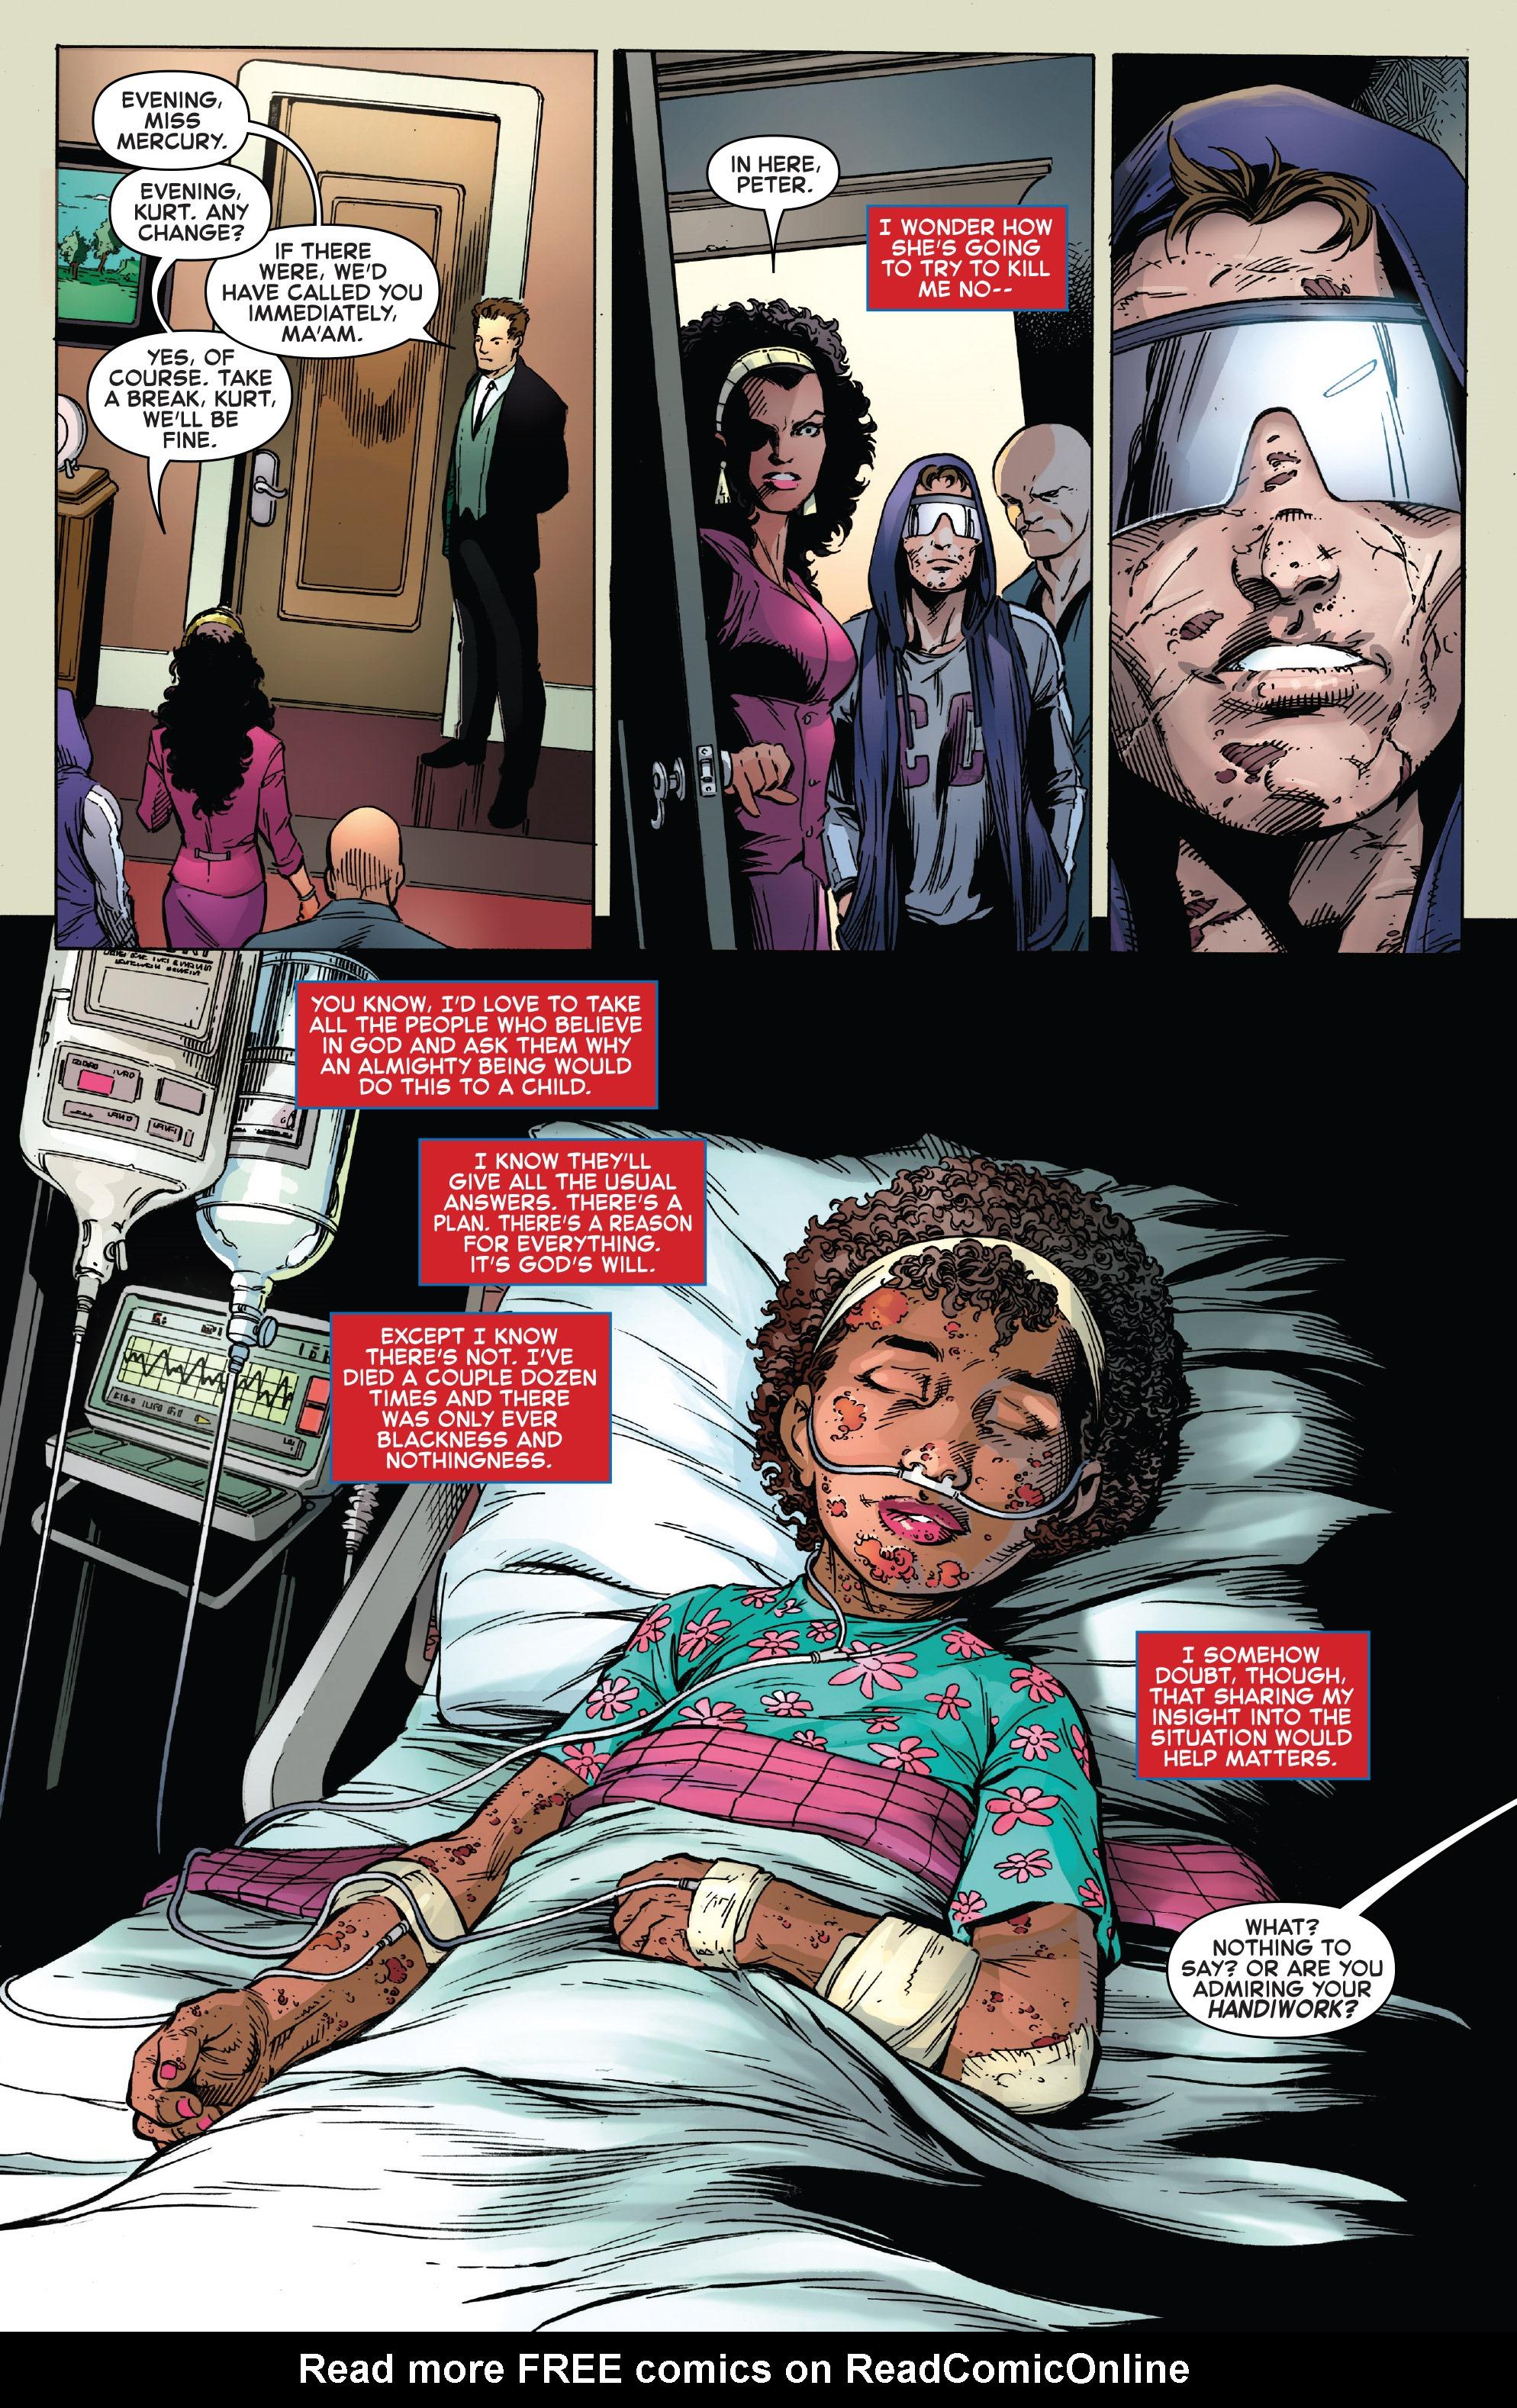 Read online Ben Reilly: Scarlet Spider comic -  Issue #2 - 11